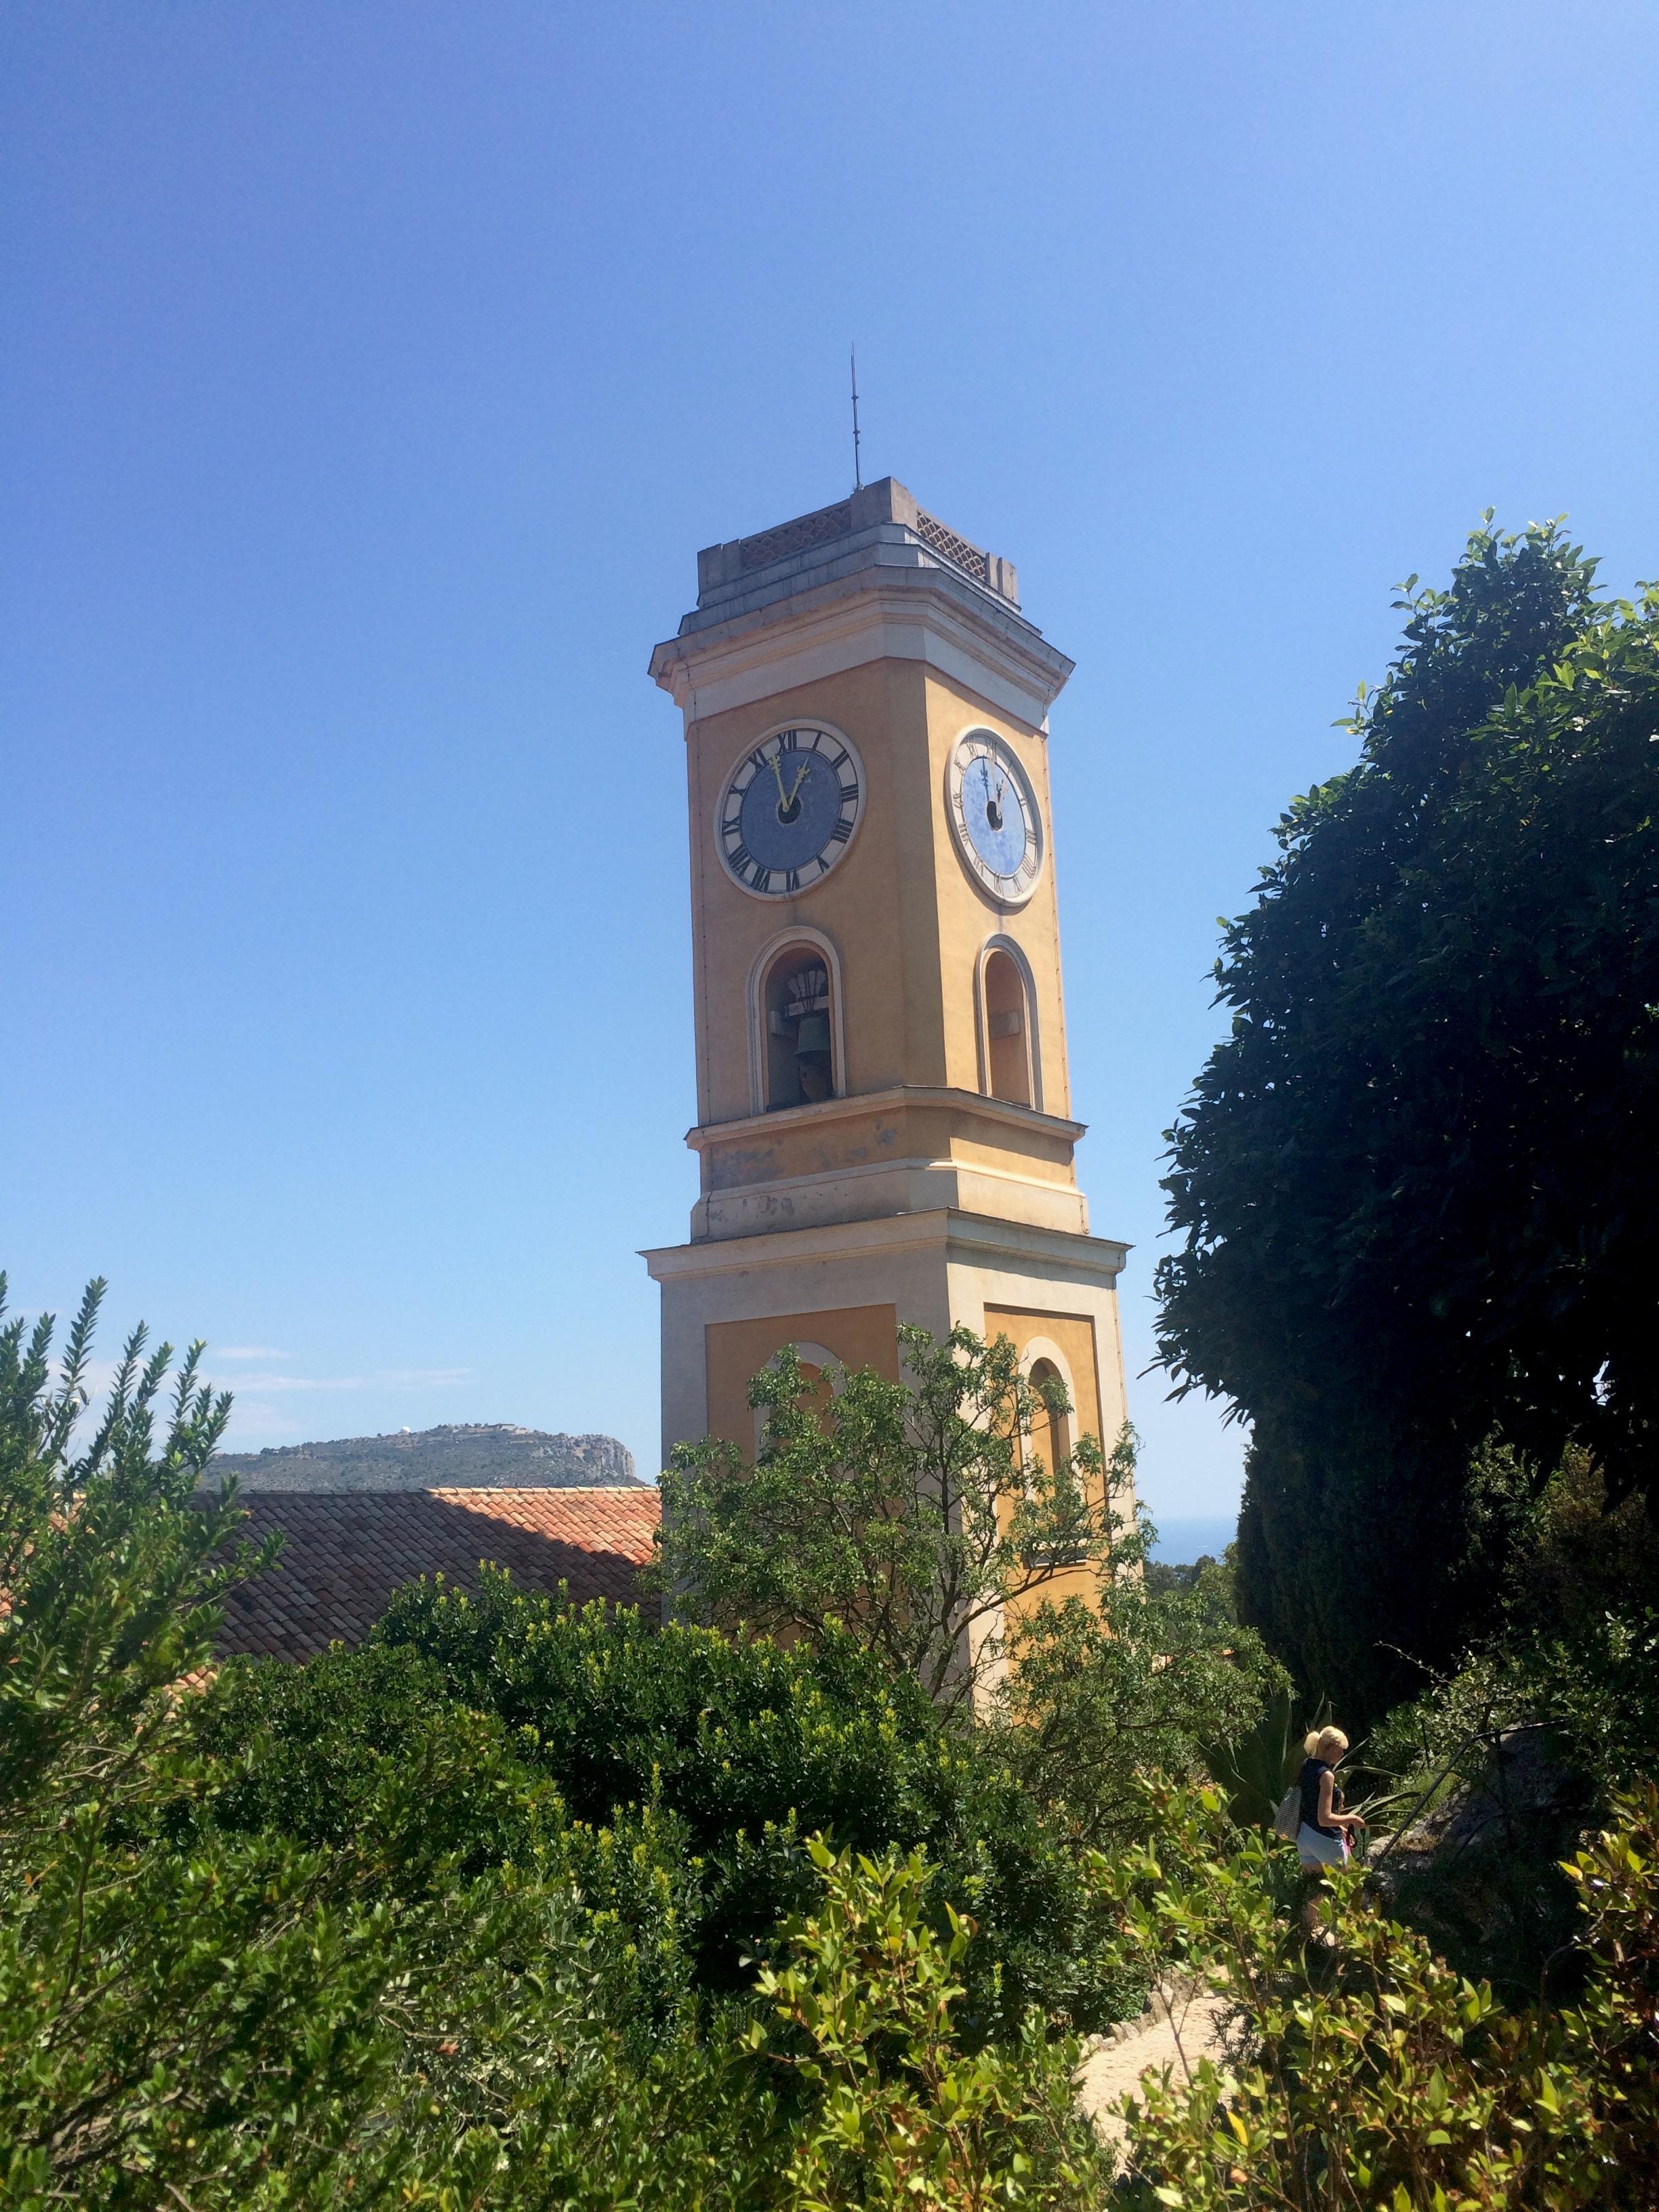 Eze-Village, incontournable de la Cote d'Azur